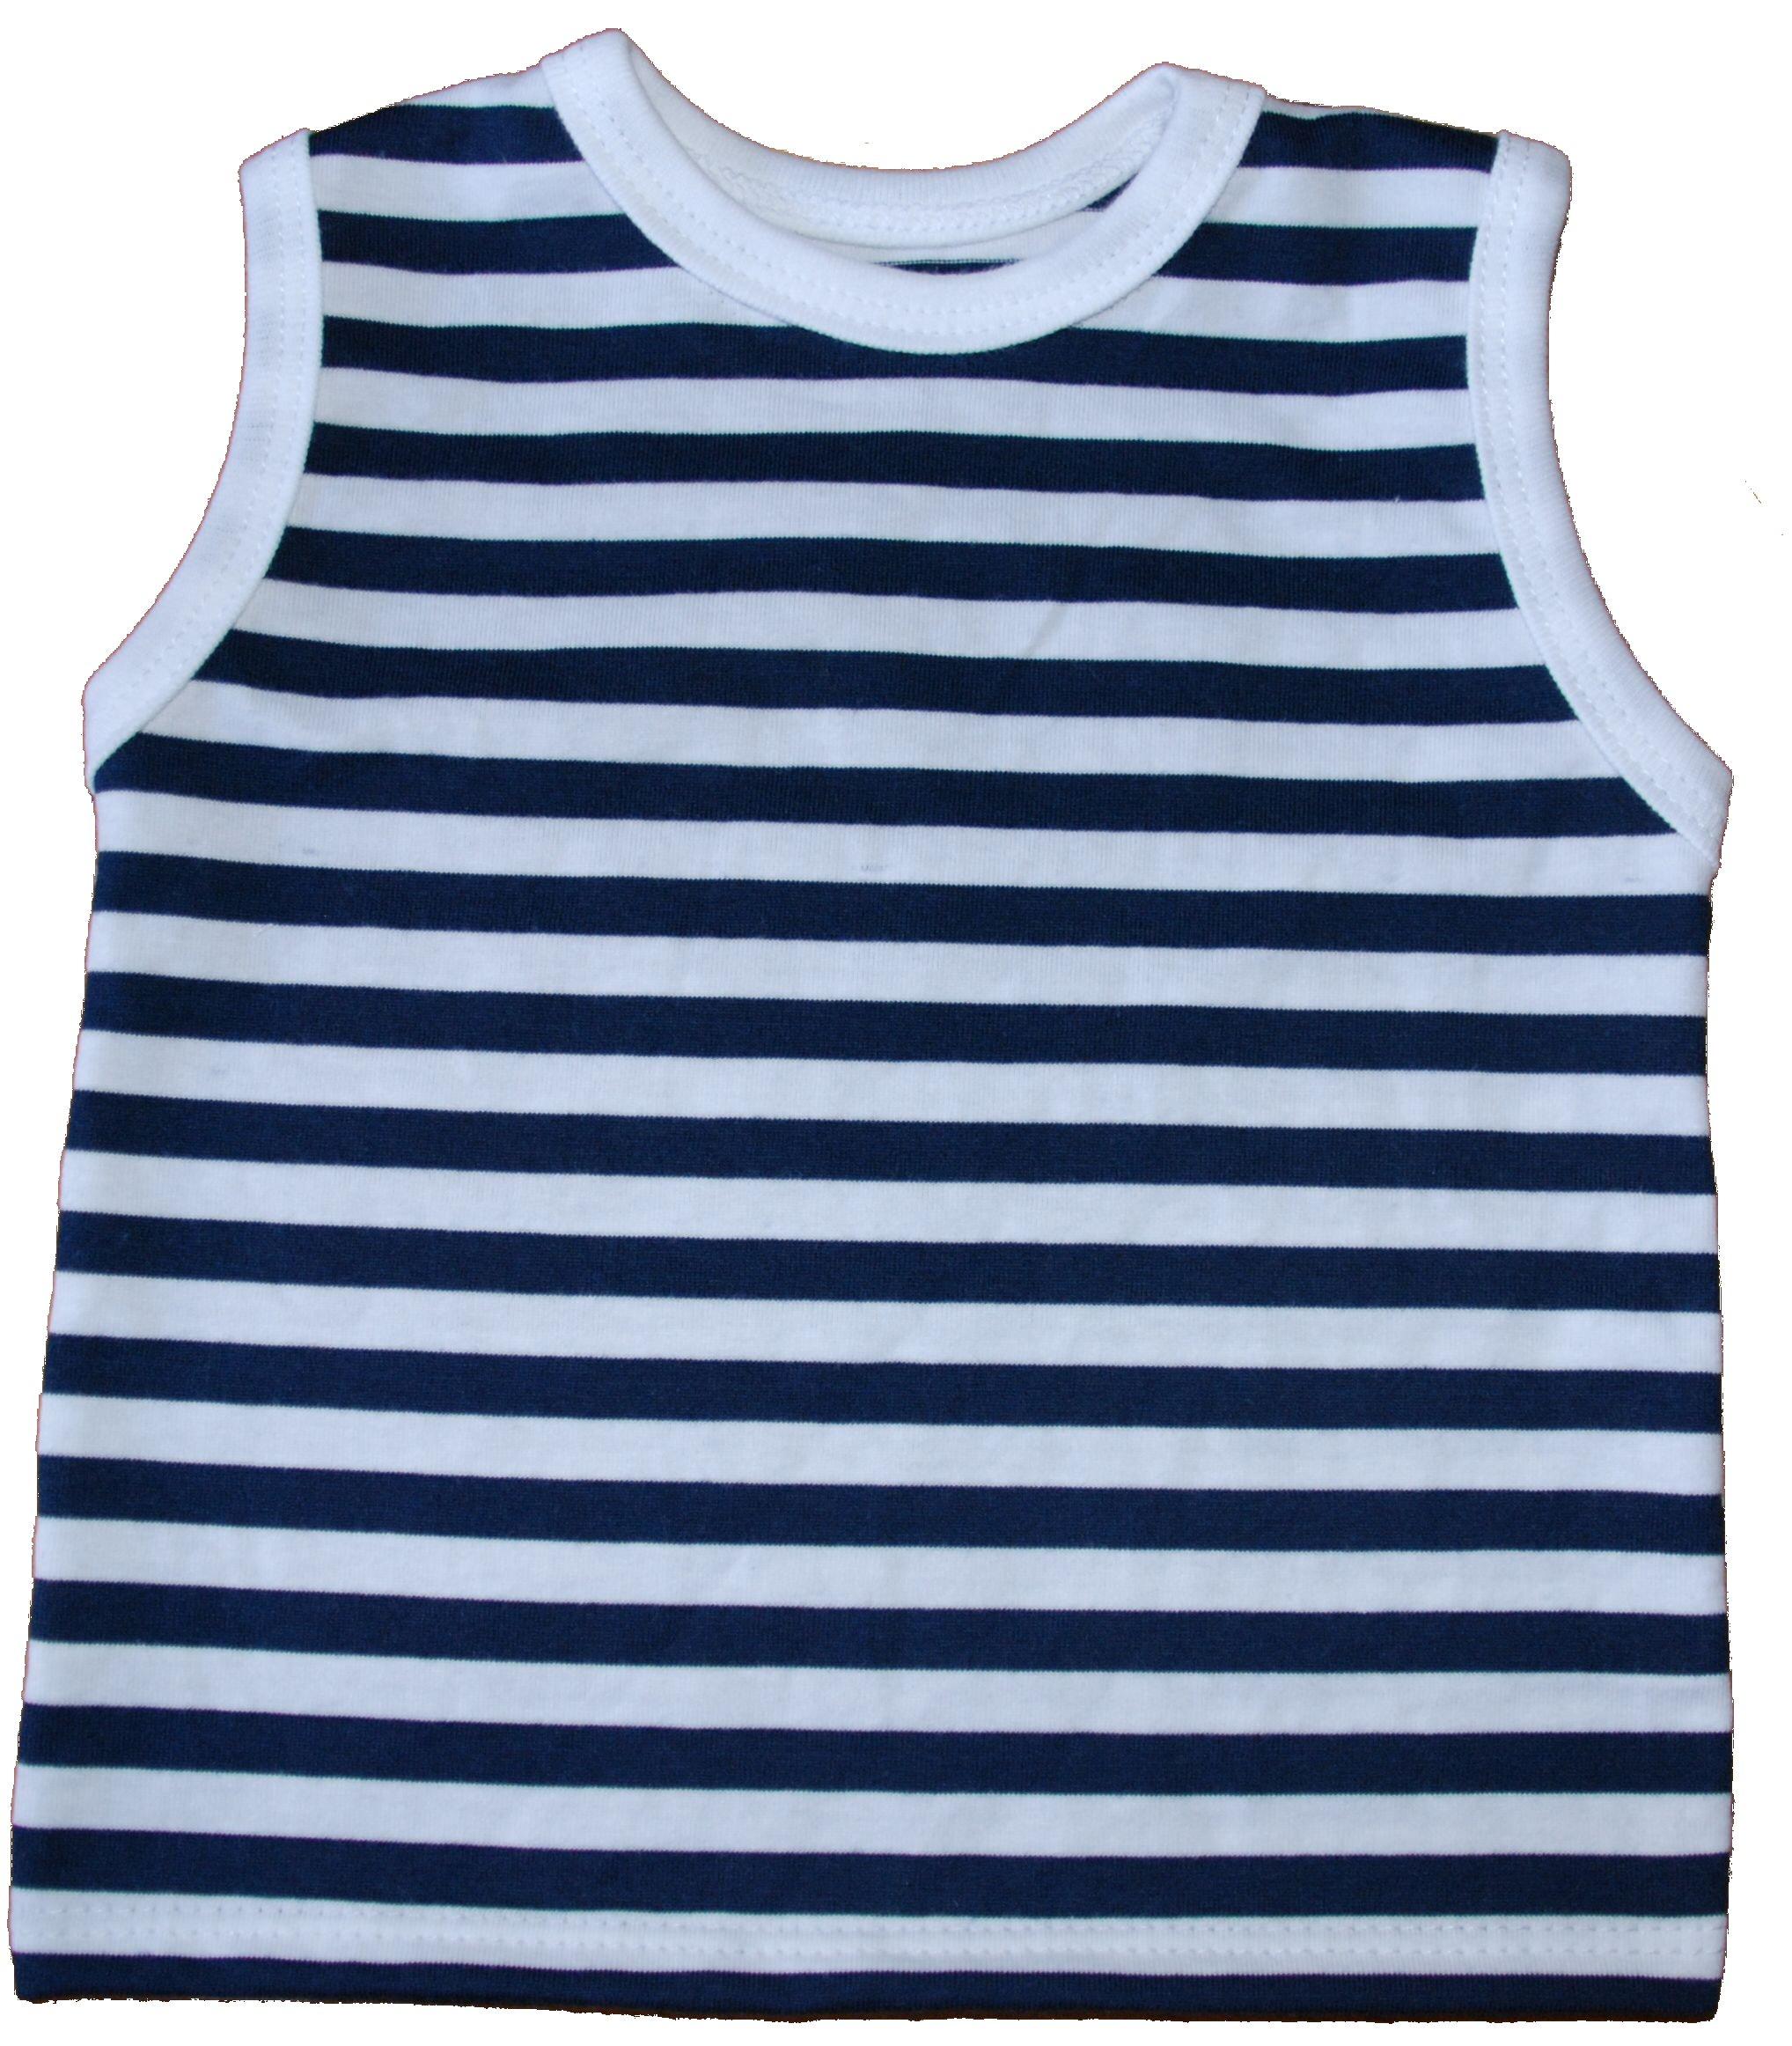 229c14ff1e1 Dětské námořnické tričko bez rukávů od vel. 110